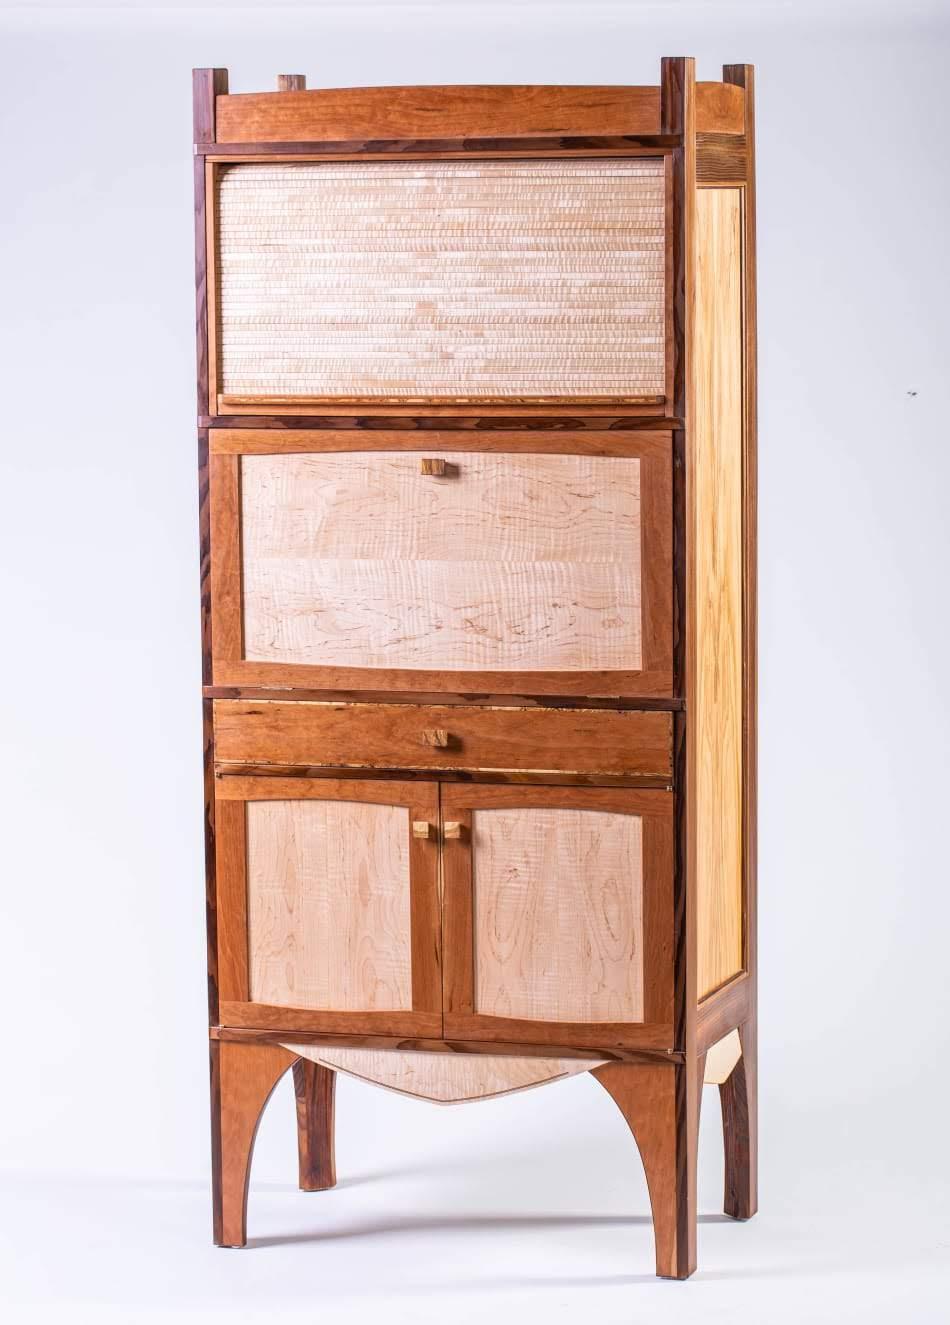 ייצור רהיטים בהתאמה אישית - ארון - רסטורנו